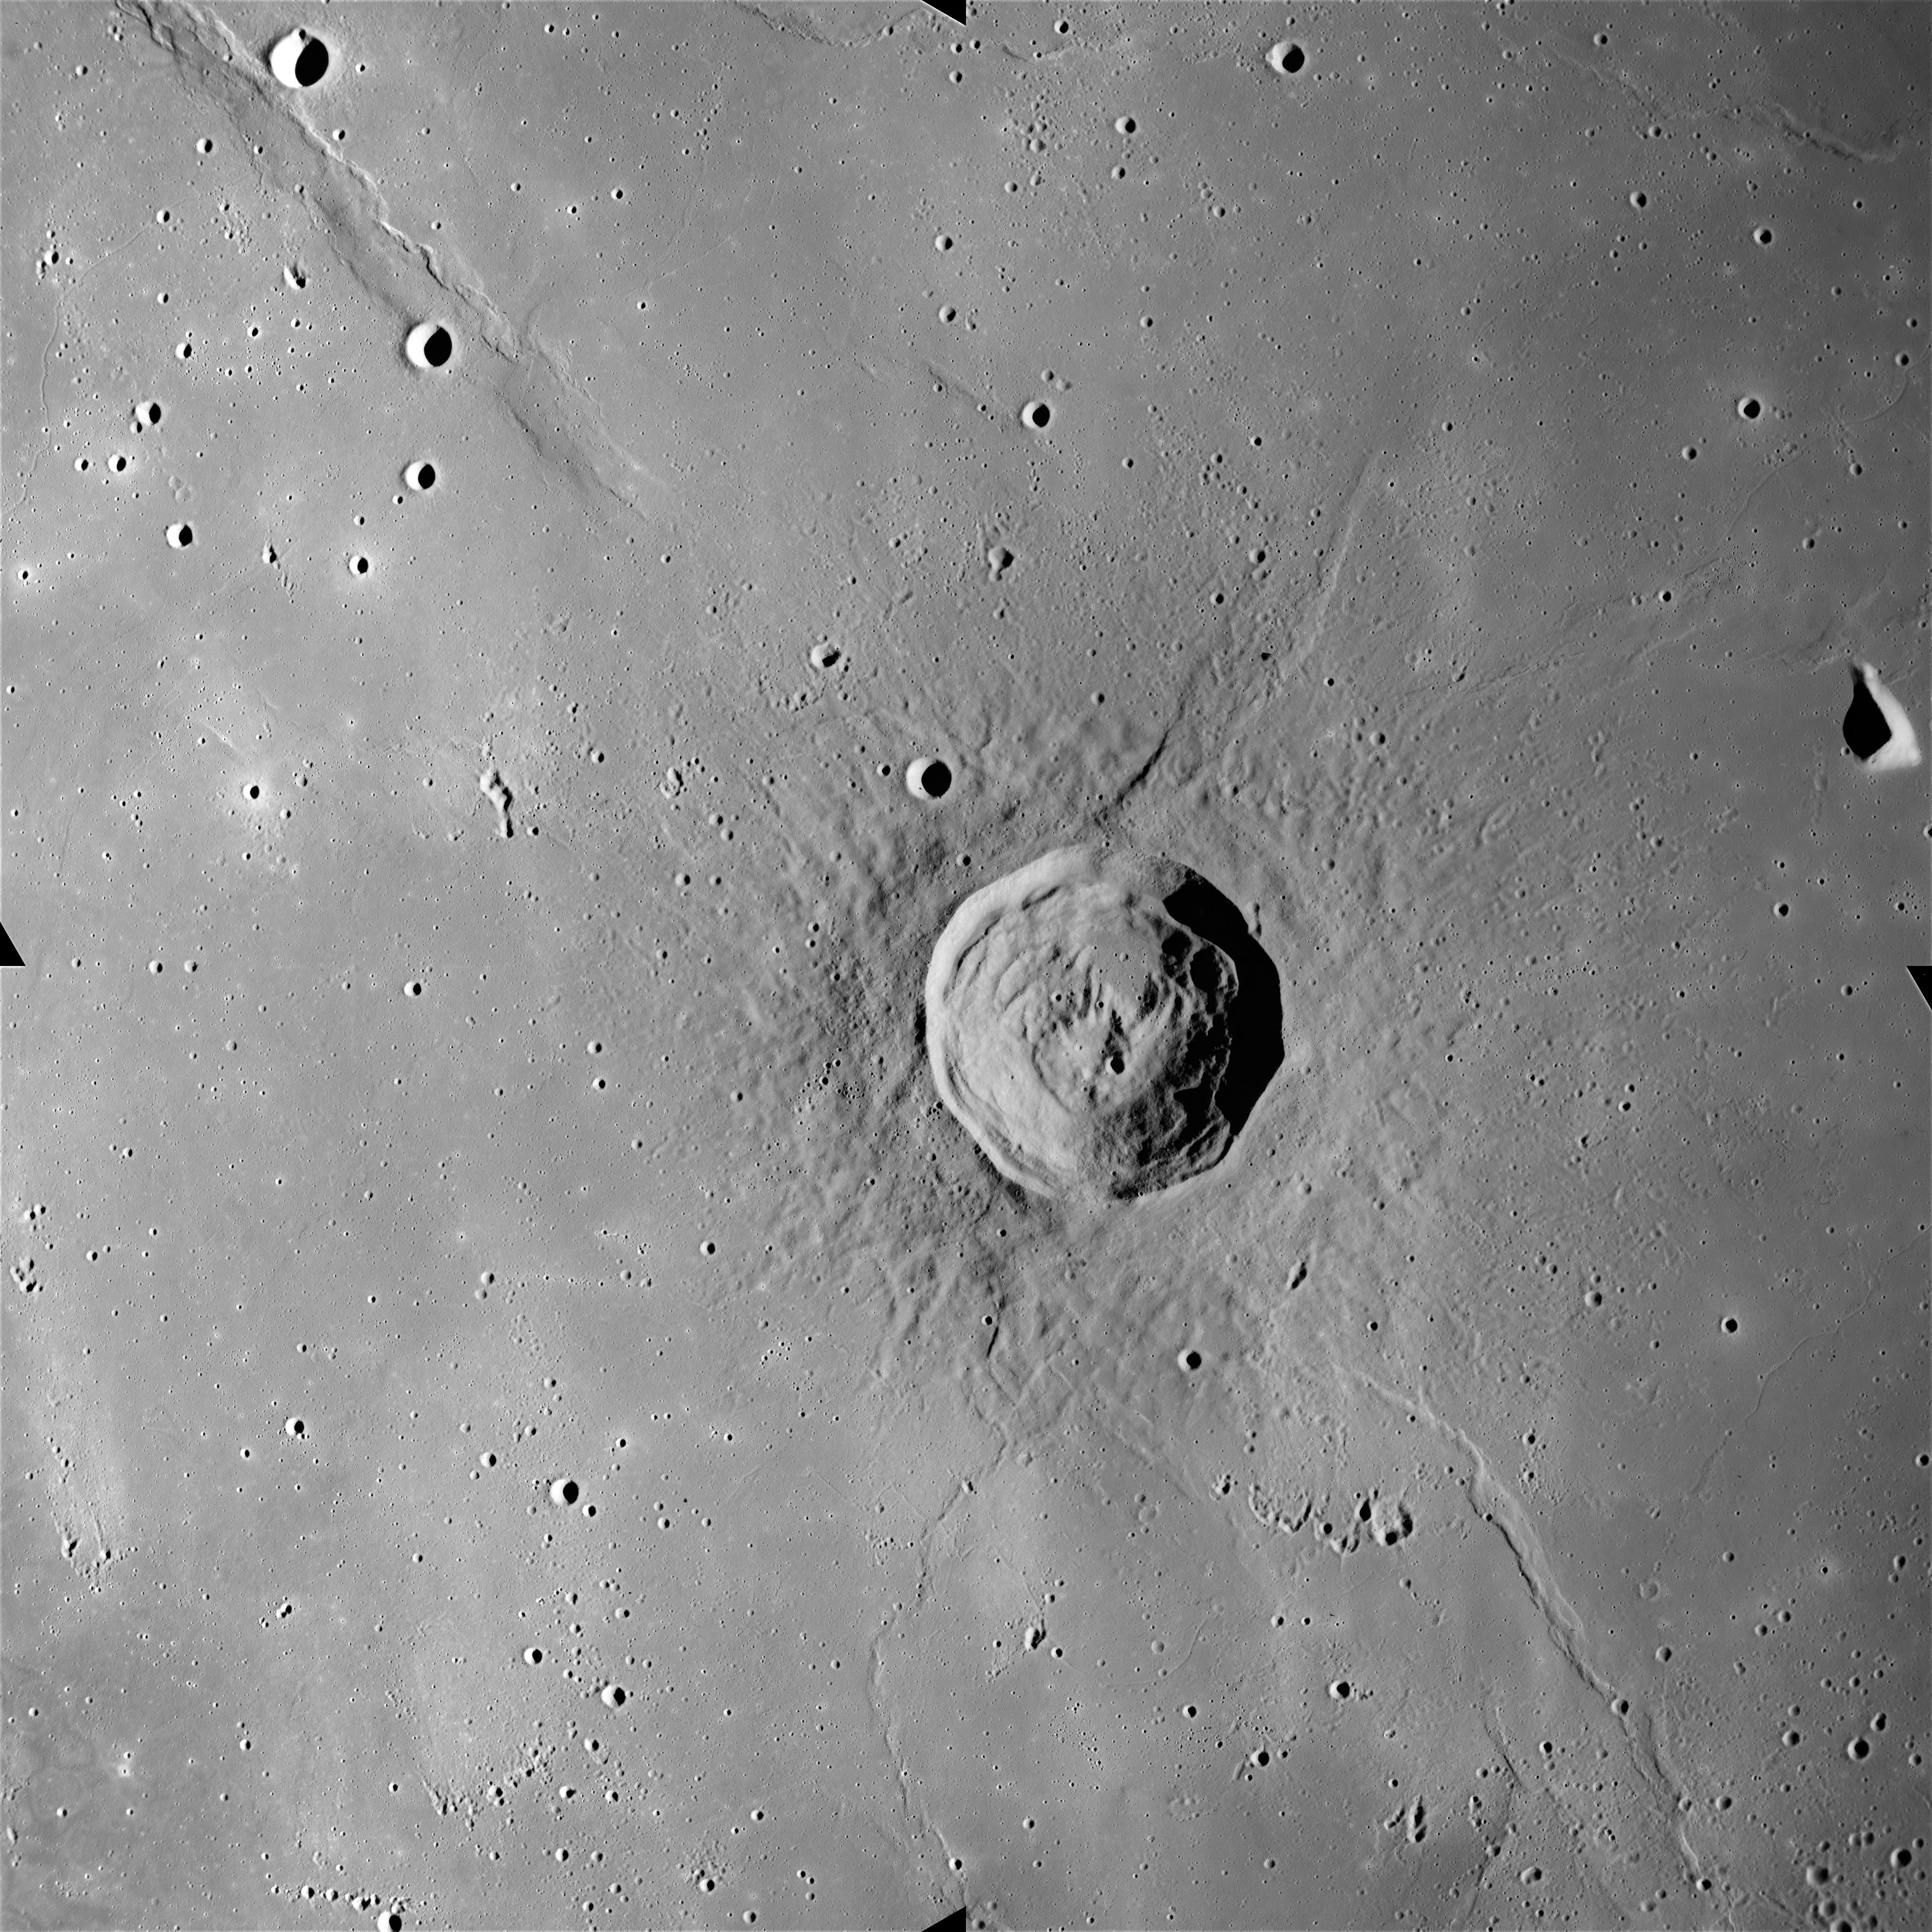 AS15-M-1837.jpg